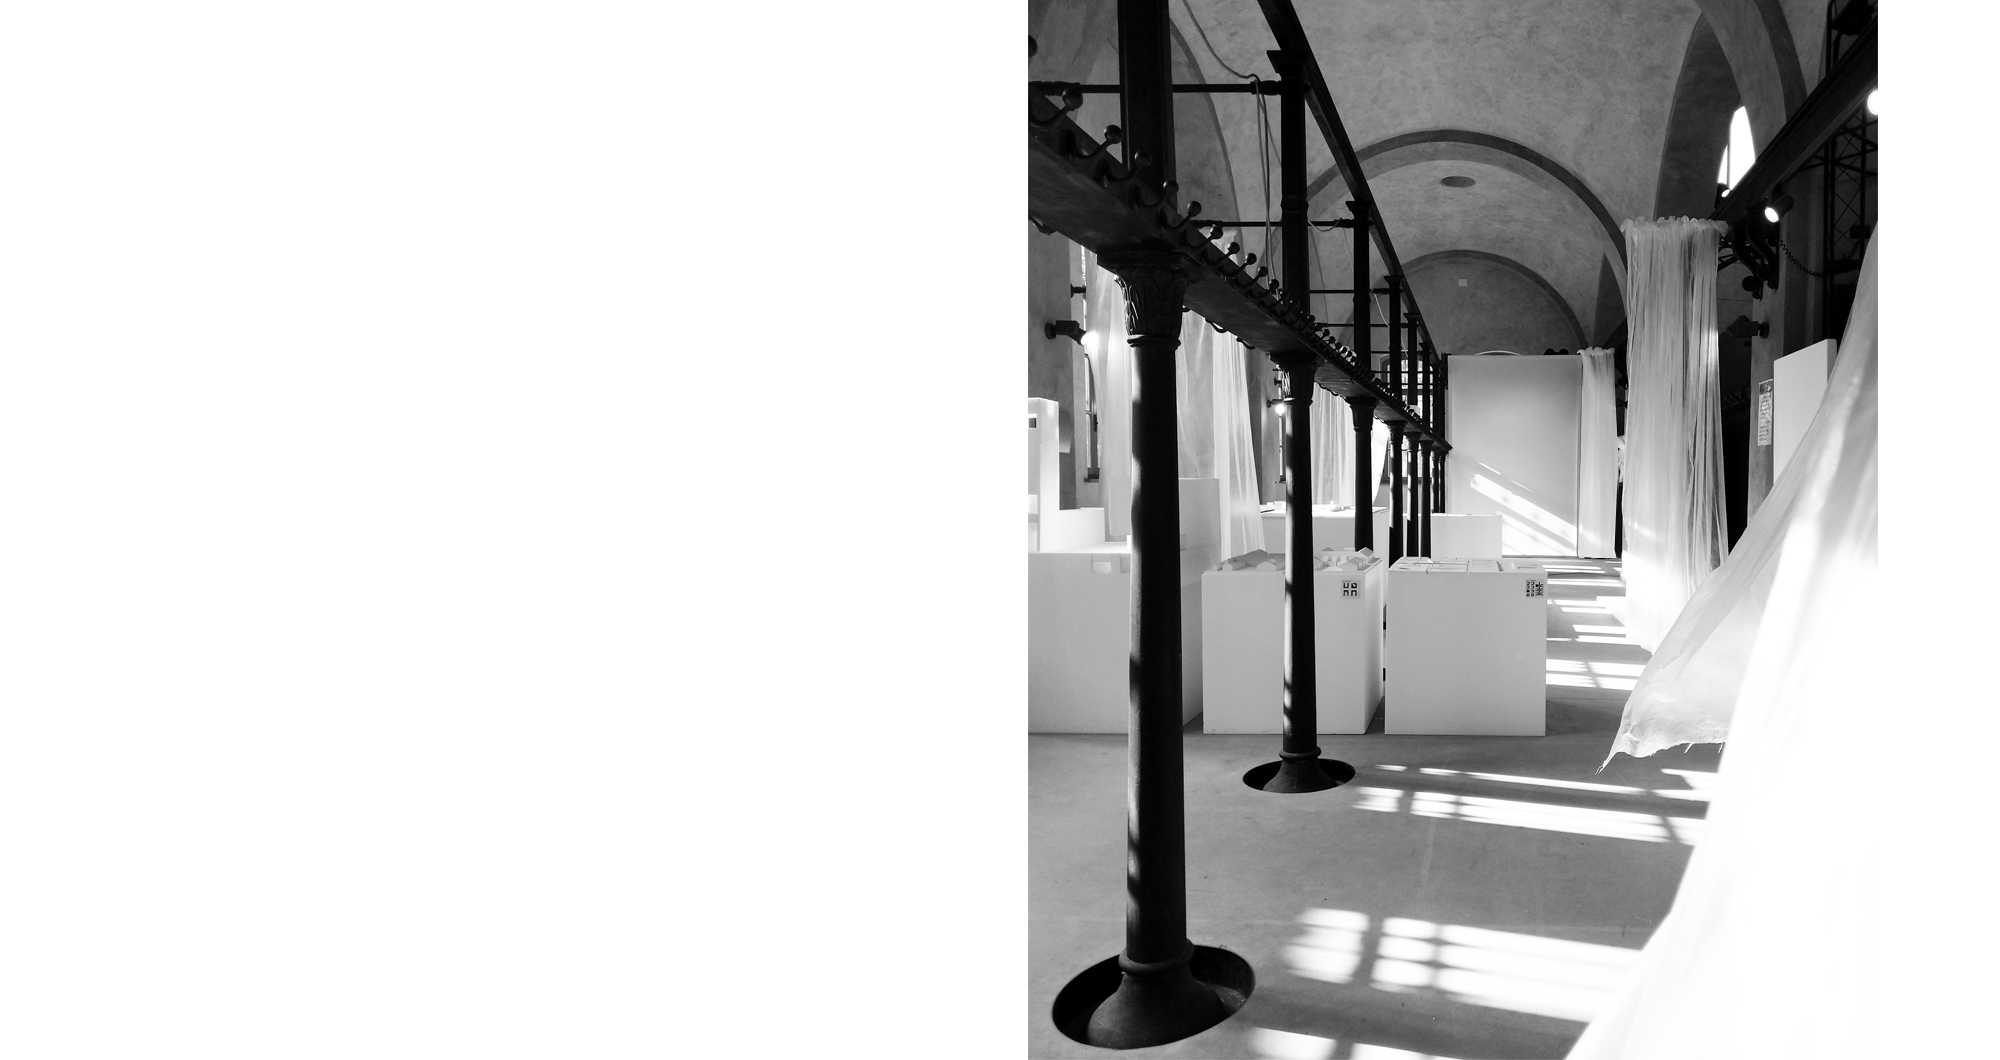 INFINITE-SCAPE exhibition